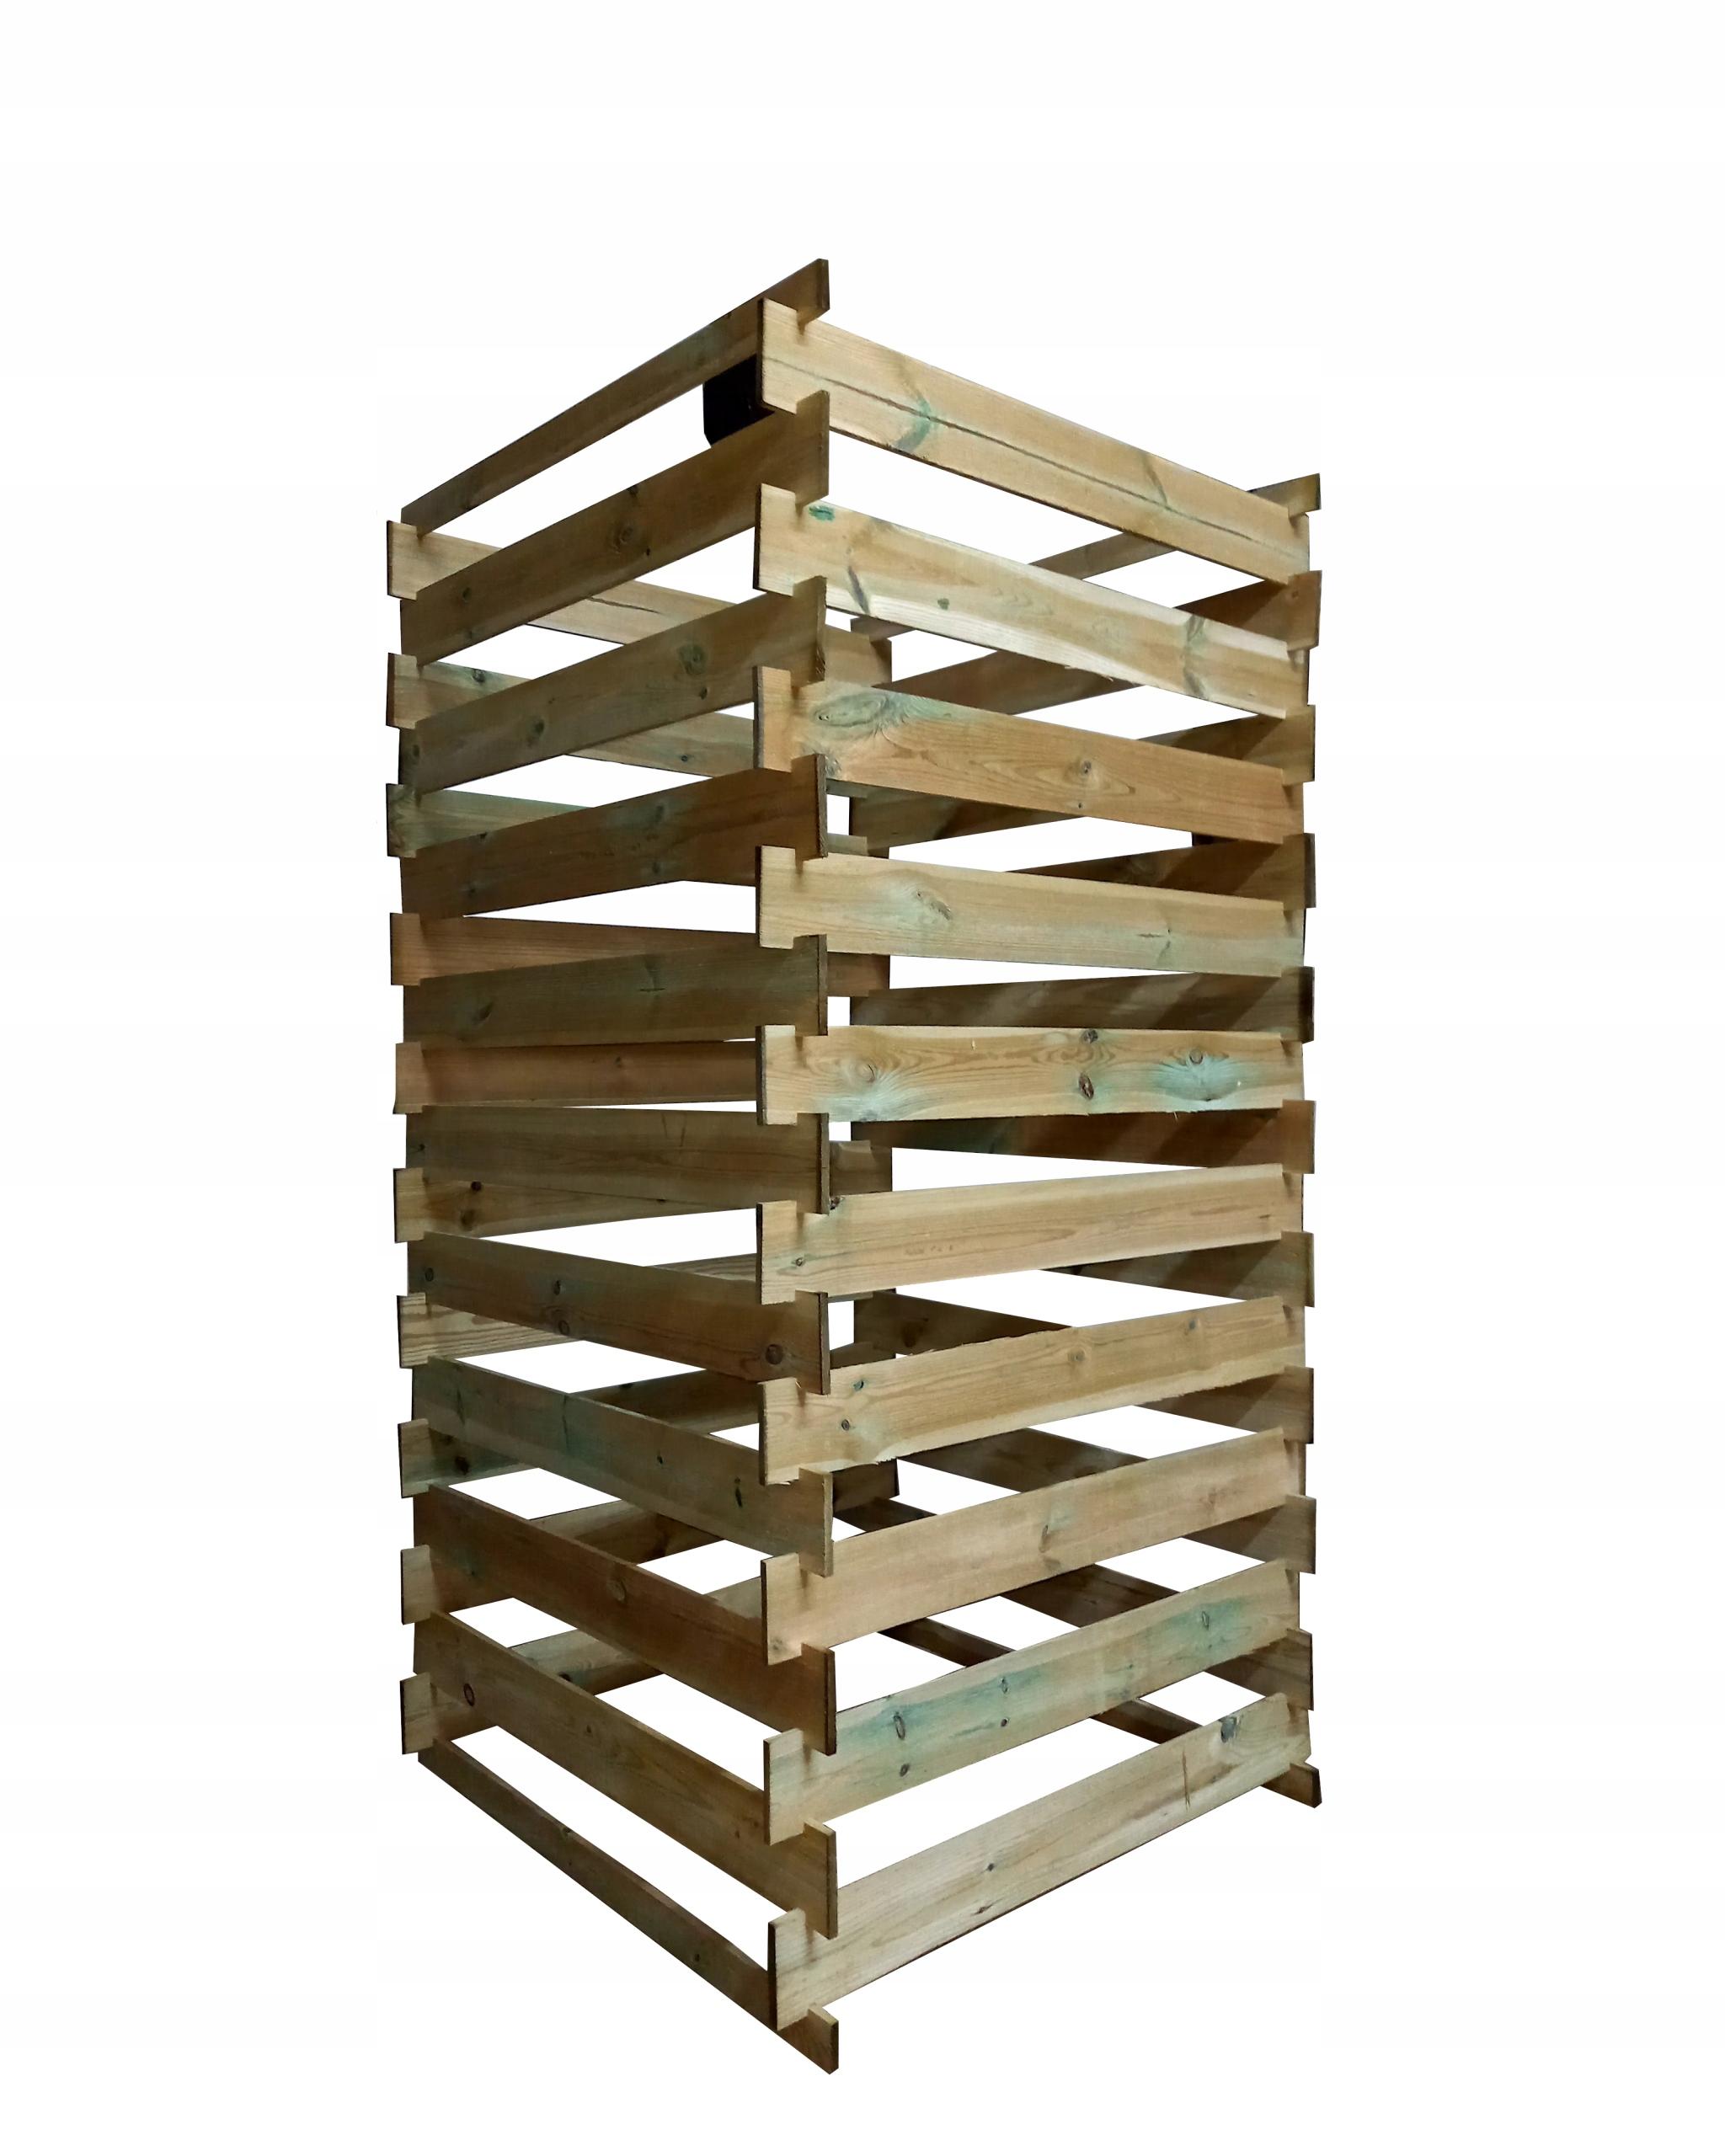 Деревянный компостер 160x80x80, пропитанный